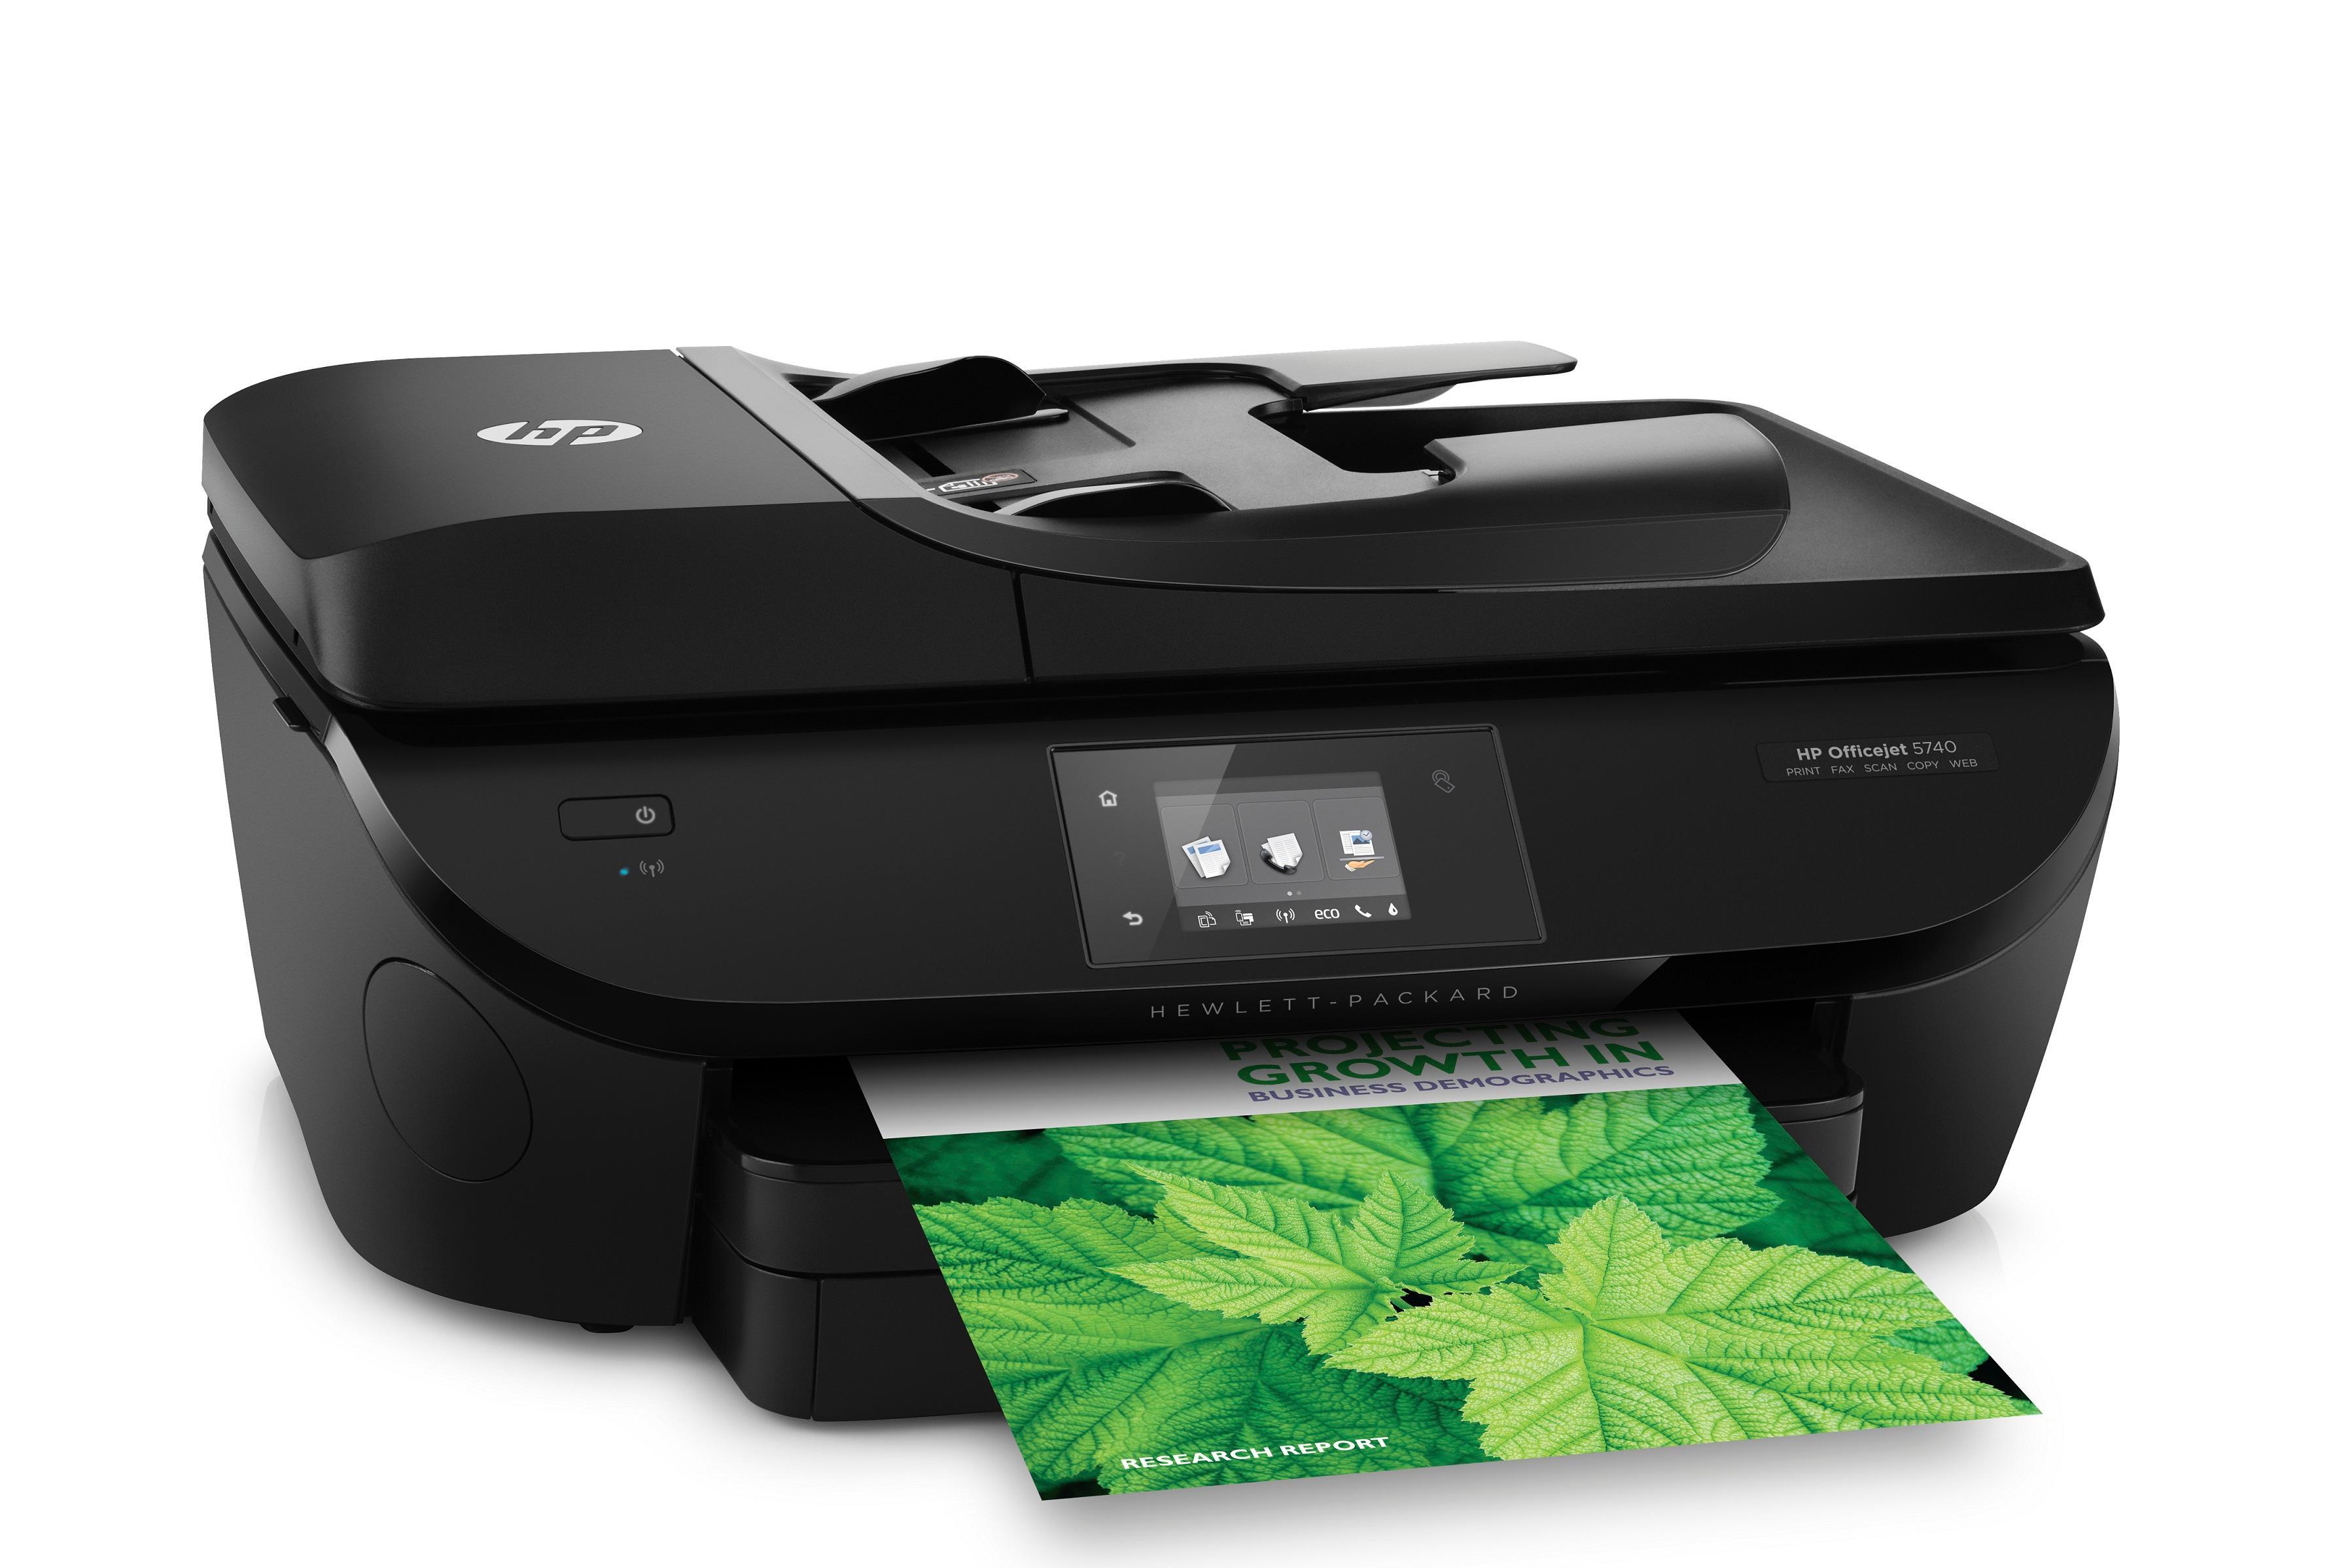 HP Officejet 5740 Multifunktionsdrucker schwarz: Amazon.de